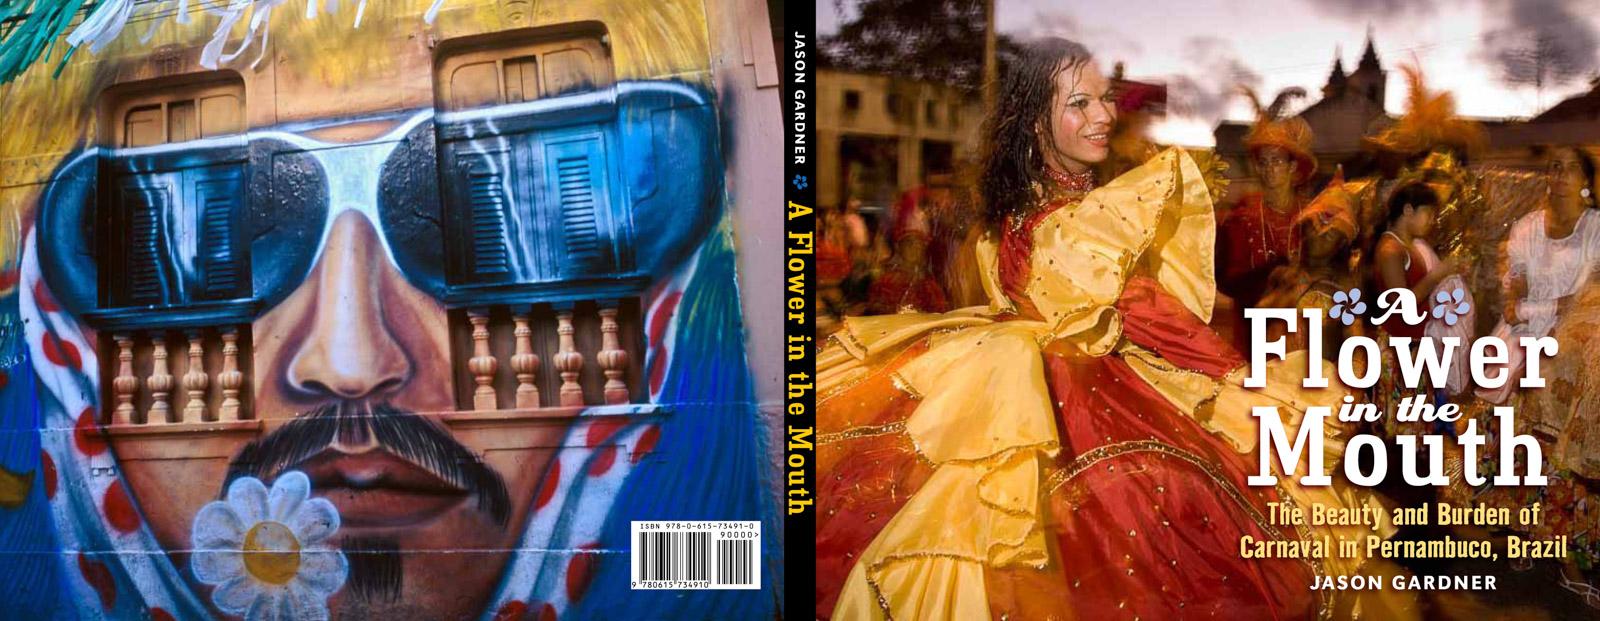 FM.fullcover2-1.jpg